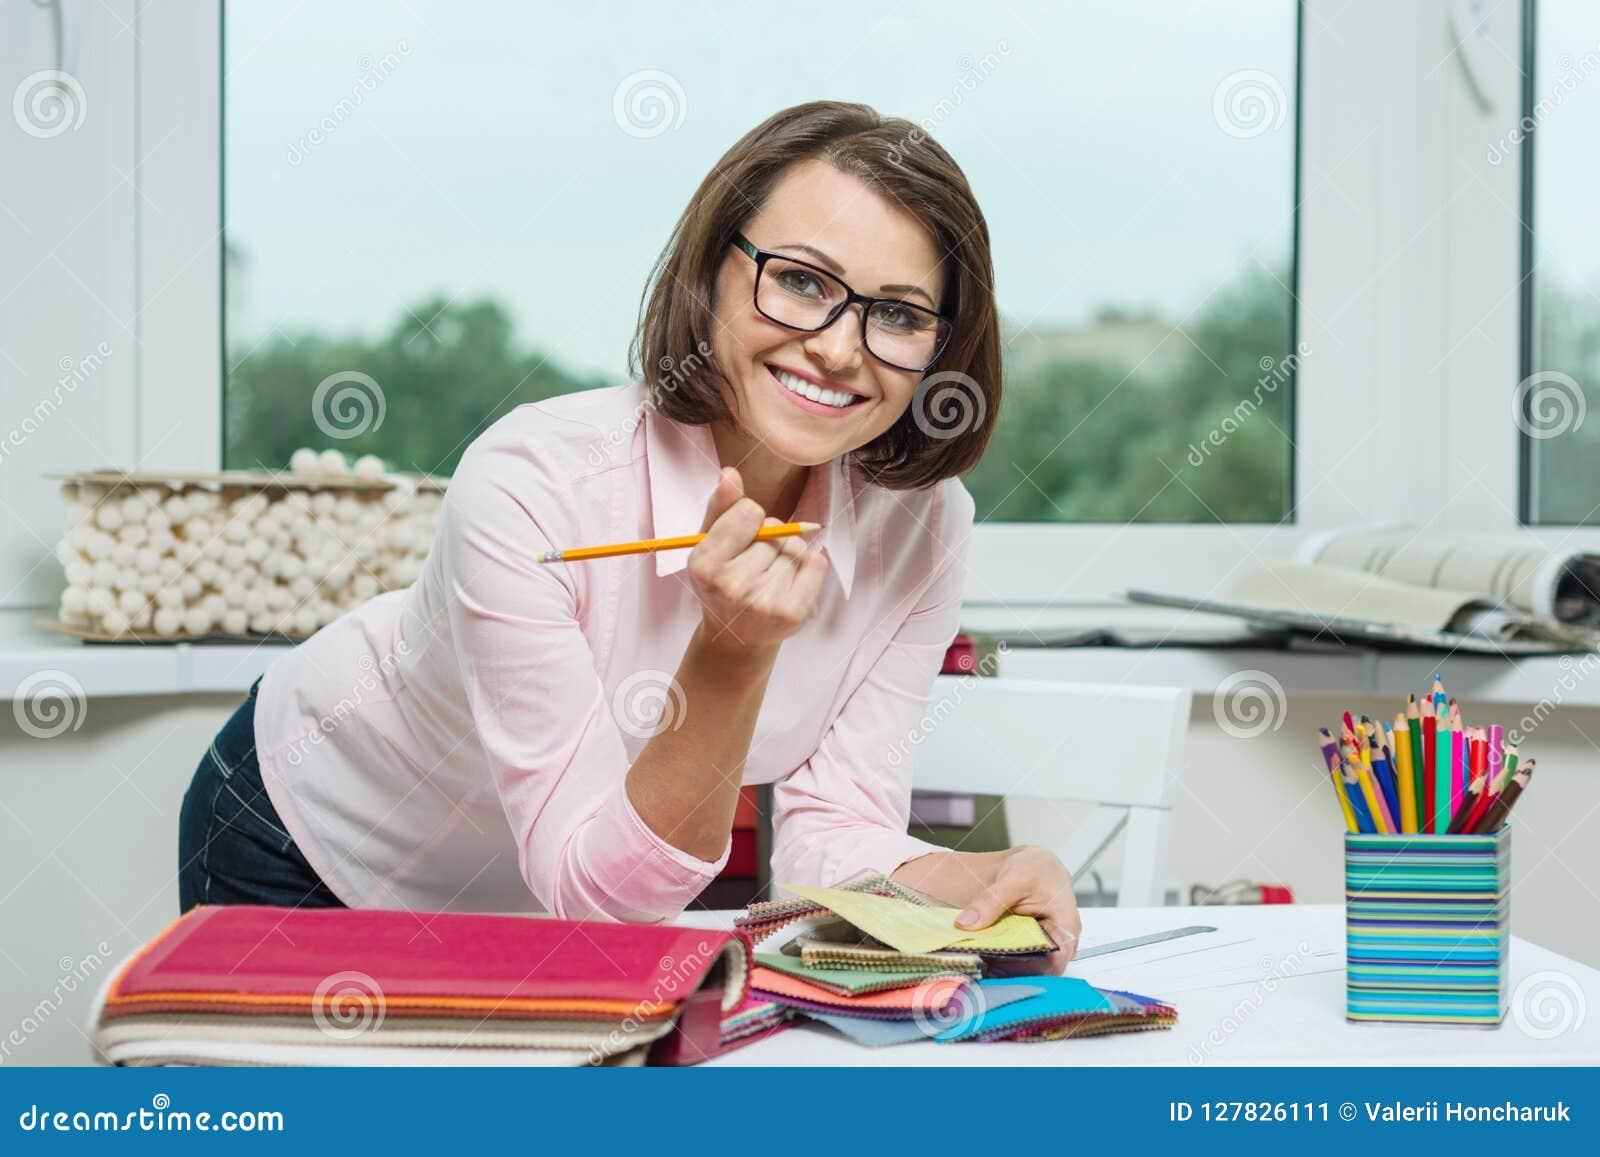 Décorateur féminin, concepteur travaillant avec des échantillons de tissus et matériaux d indépendant